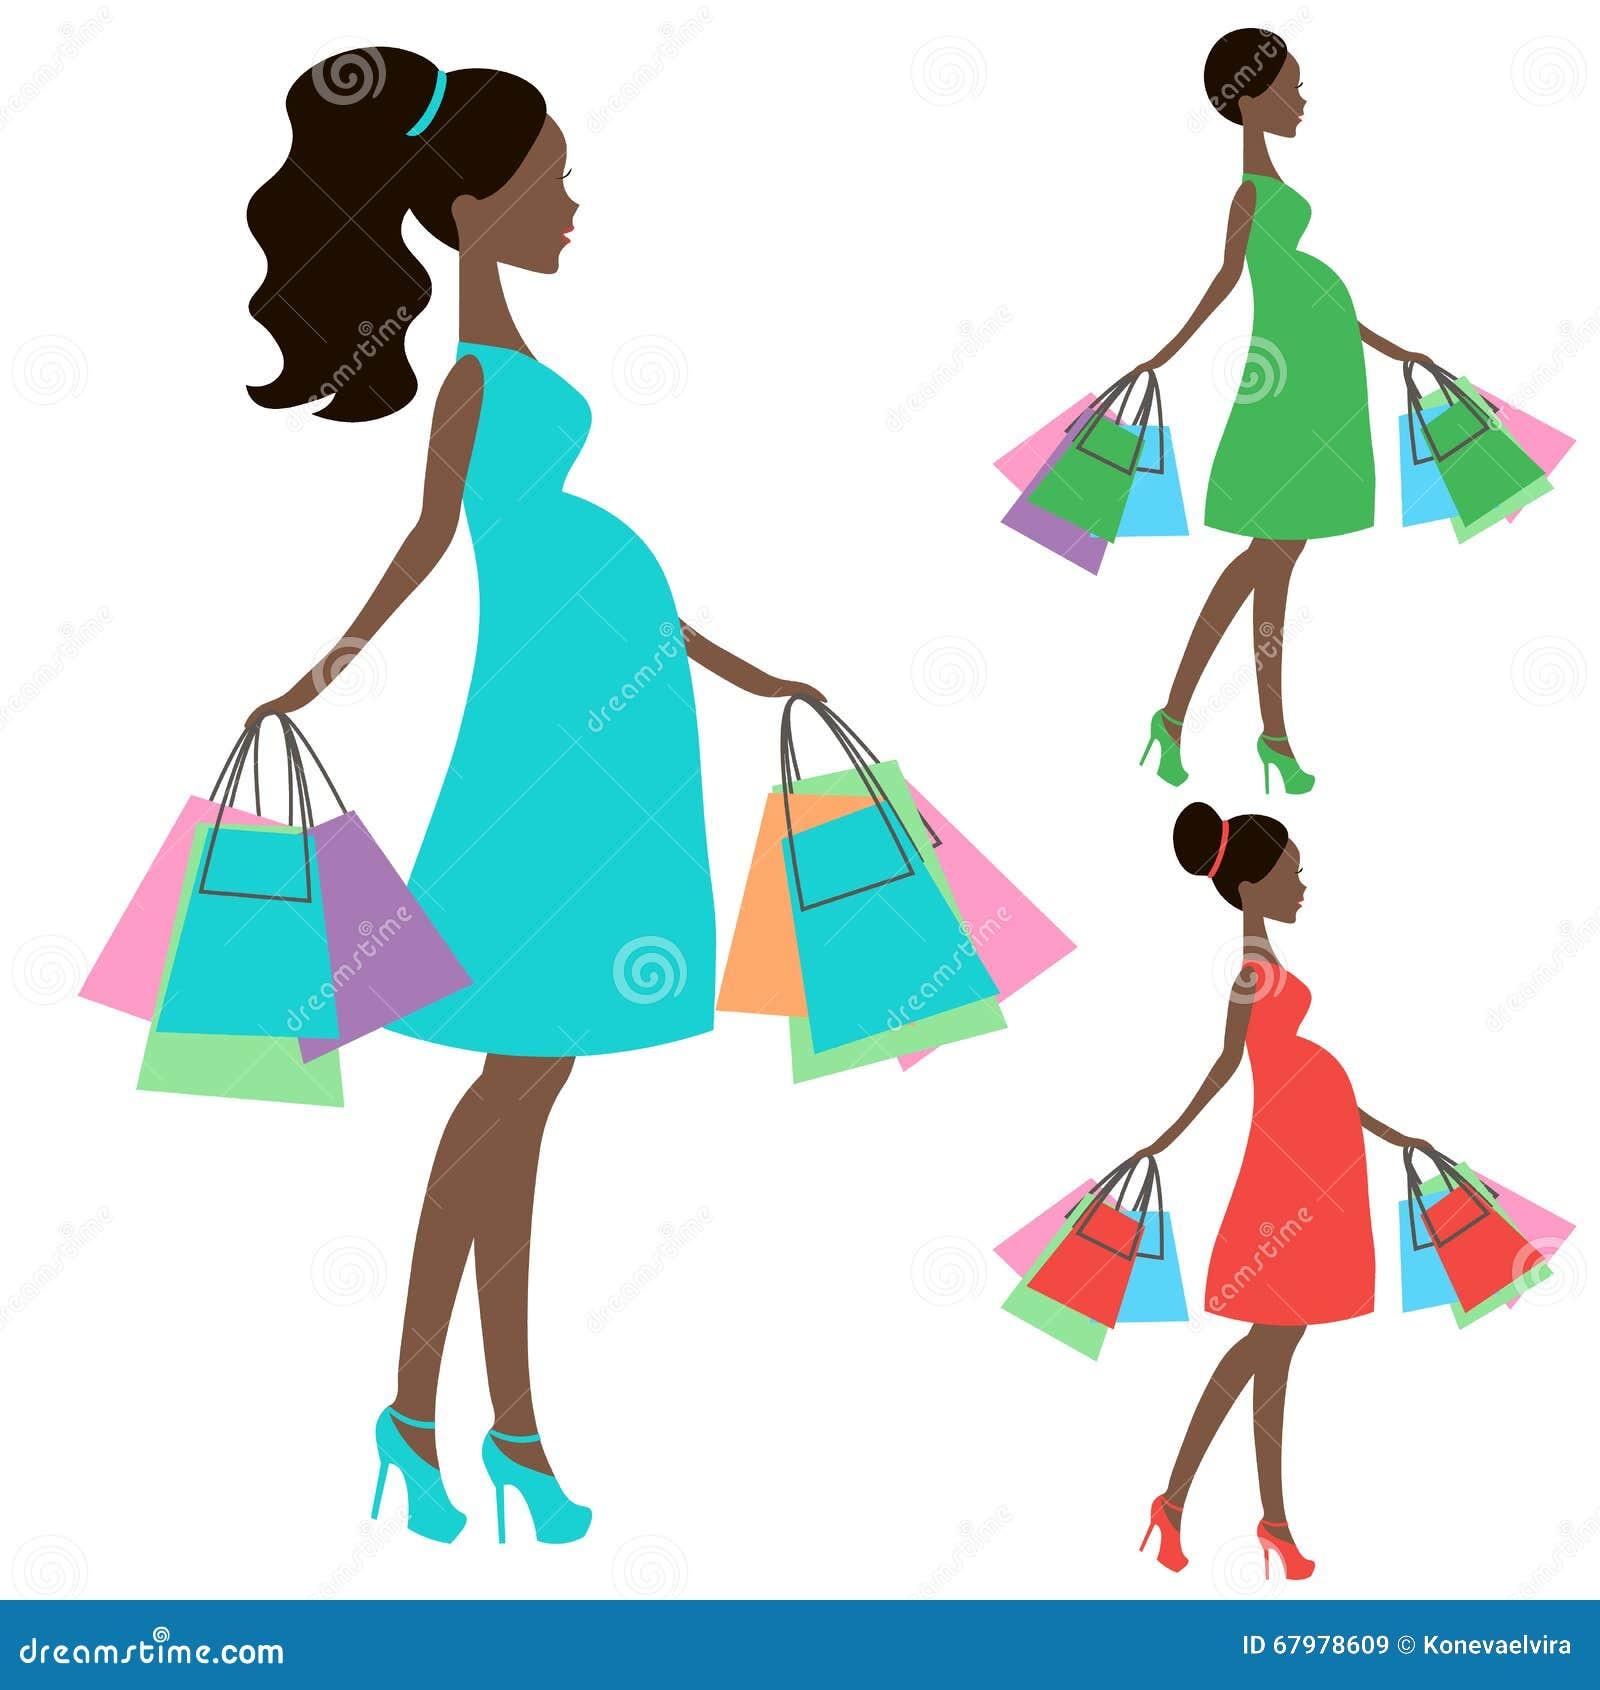 vecteur de la maman enceinte moderne e magasin en ligne logo silhouette ic ne de vente sur. Black Bedroom Furniture Sets. Home Design Ideas